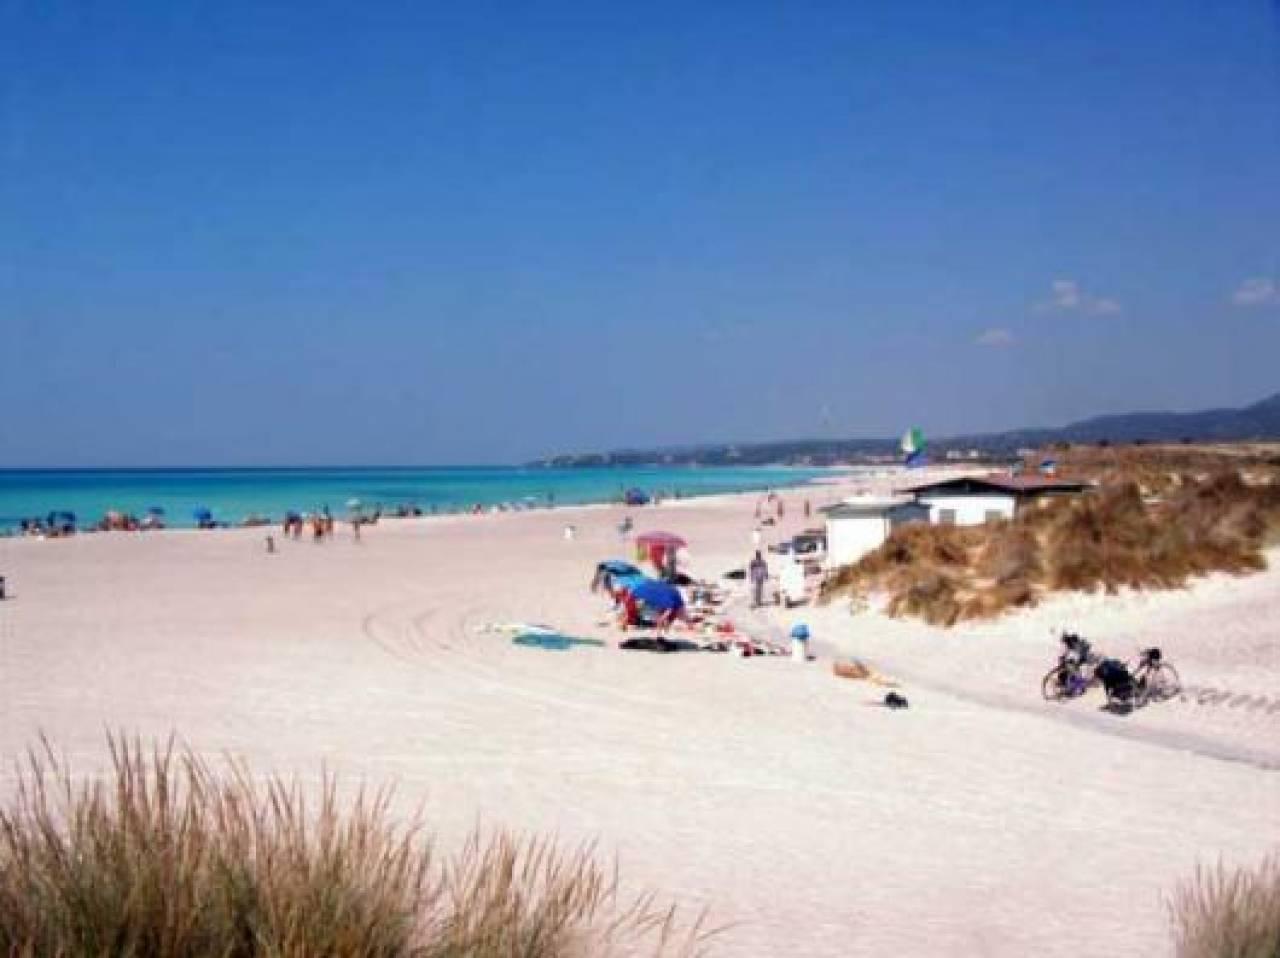 Il tempo sulle spiagge italiane fino al weekend